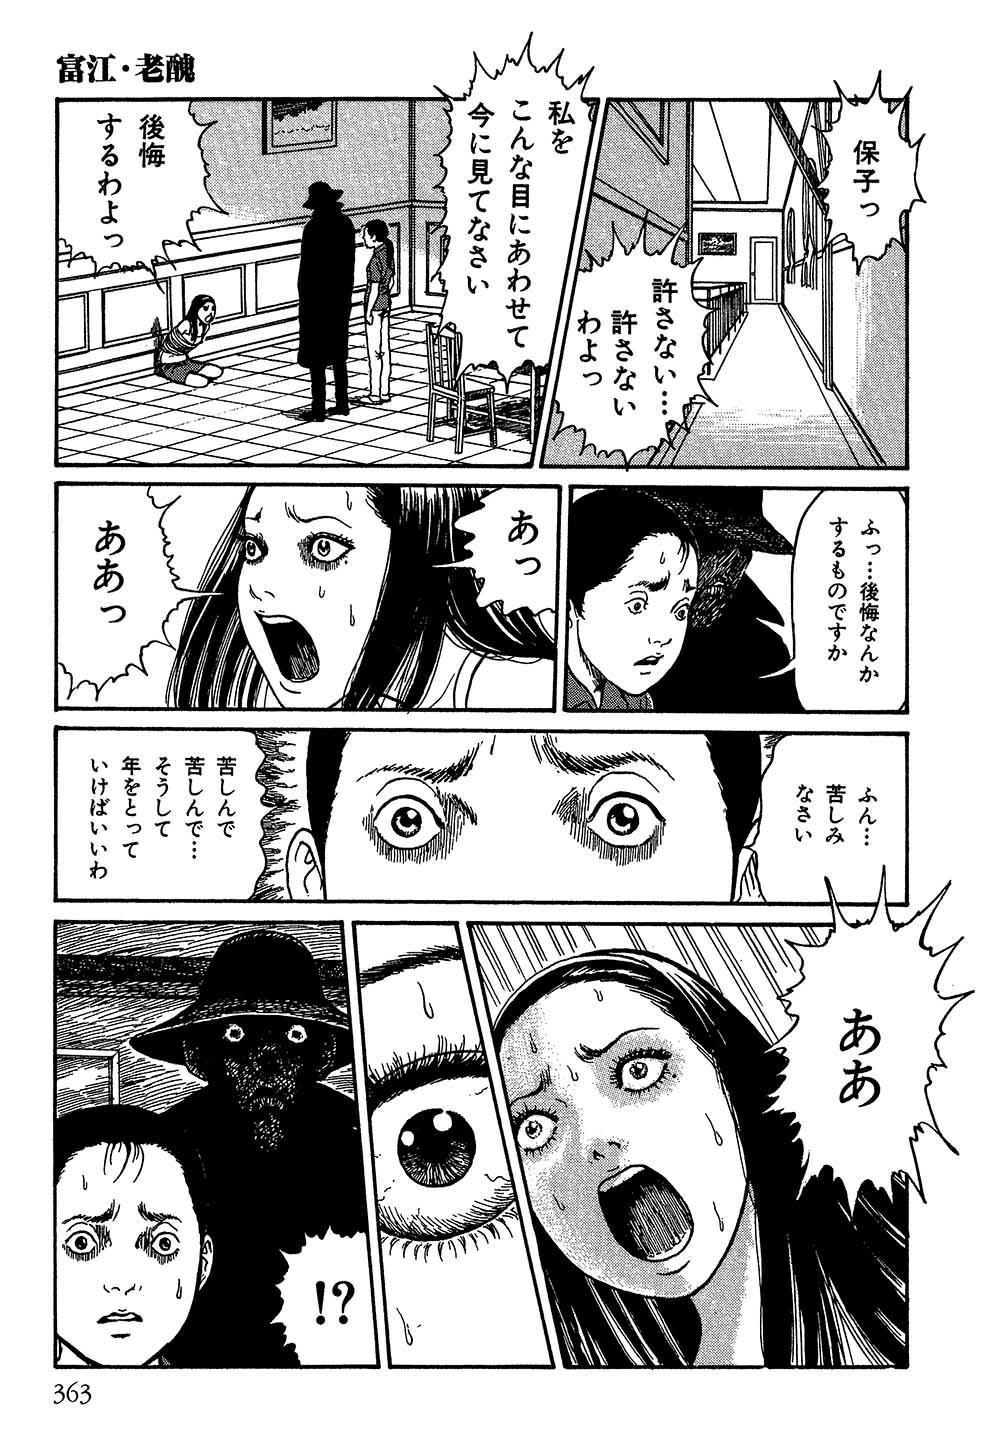 itouj_0002_0365.jpg